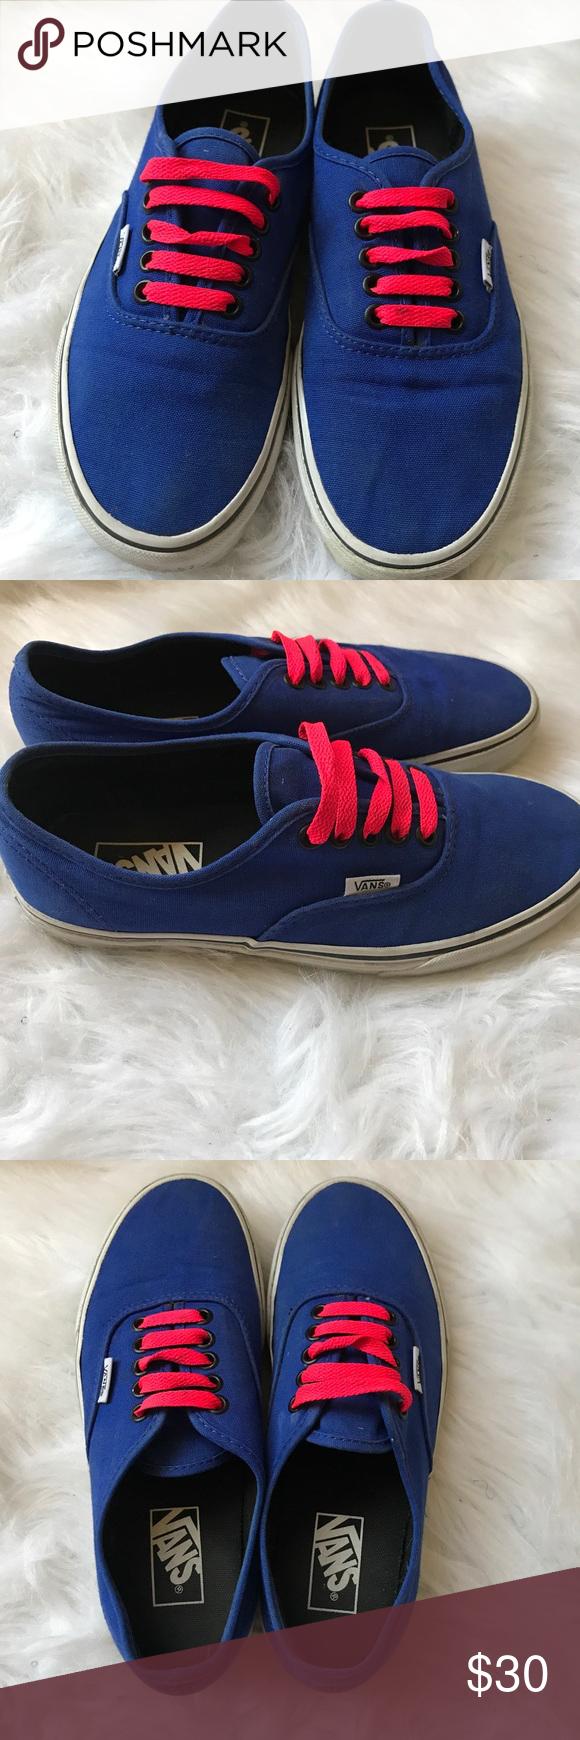 7b96a6b1586ff8 EUC unisex Vans no flaws Ladies size 8 kids 6.5 EUC classic vans Vans Shoes  Sneakers